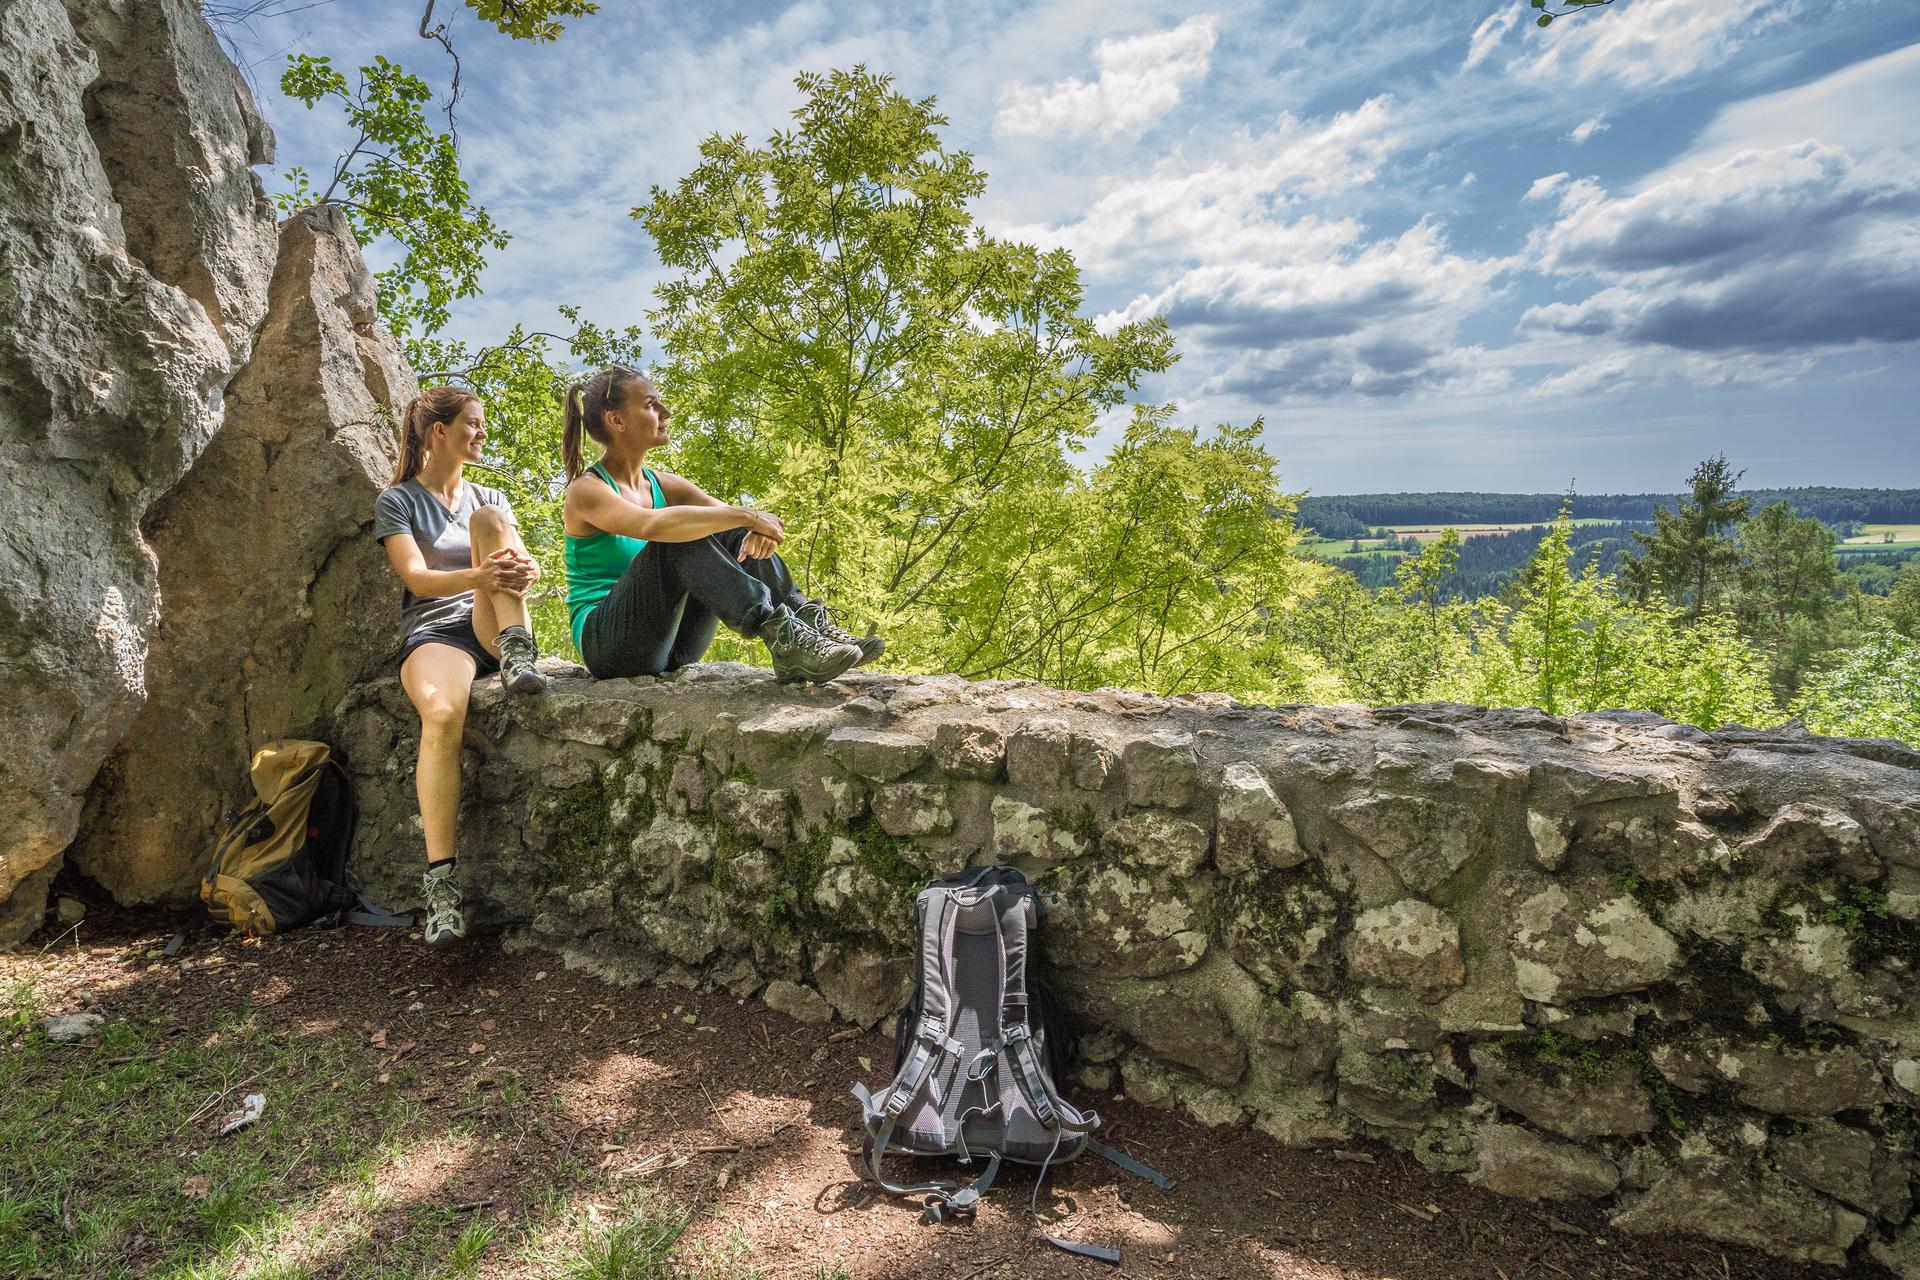 Zwei Wanderer*innen sitzen auf einer Mauer und blicken in die Ferne. Hinter ihnen ist eine Felswand. Vor ihnen ein Ausblick über einen Wald und eine Hochfläche. Der Himmel ist leicht bewölkt.